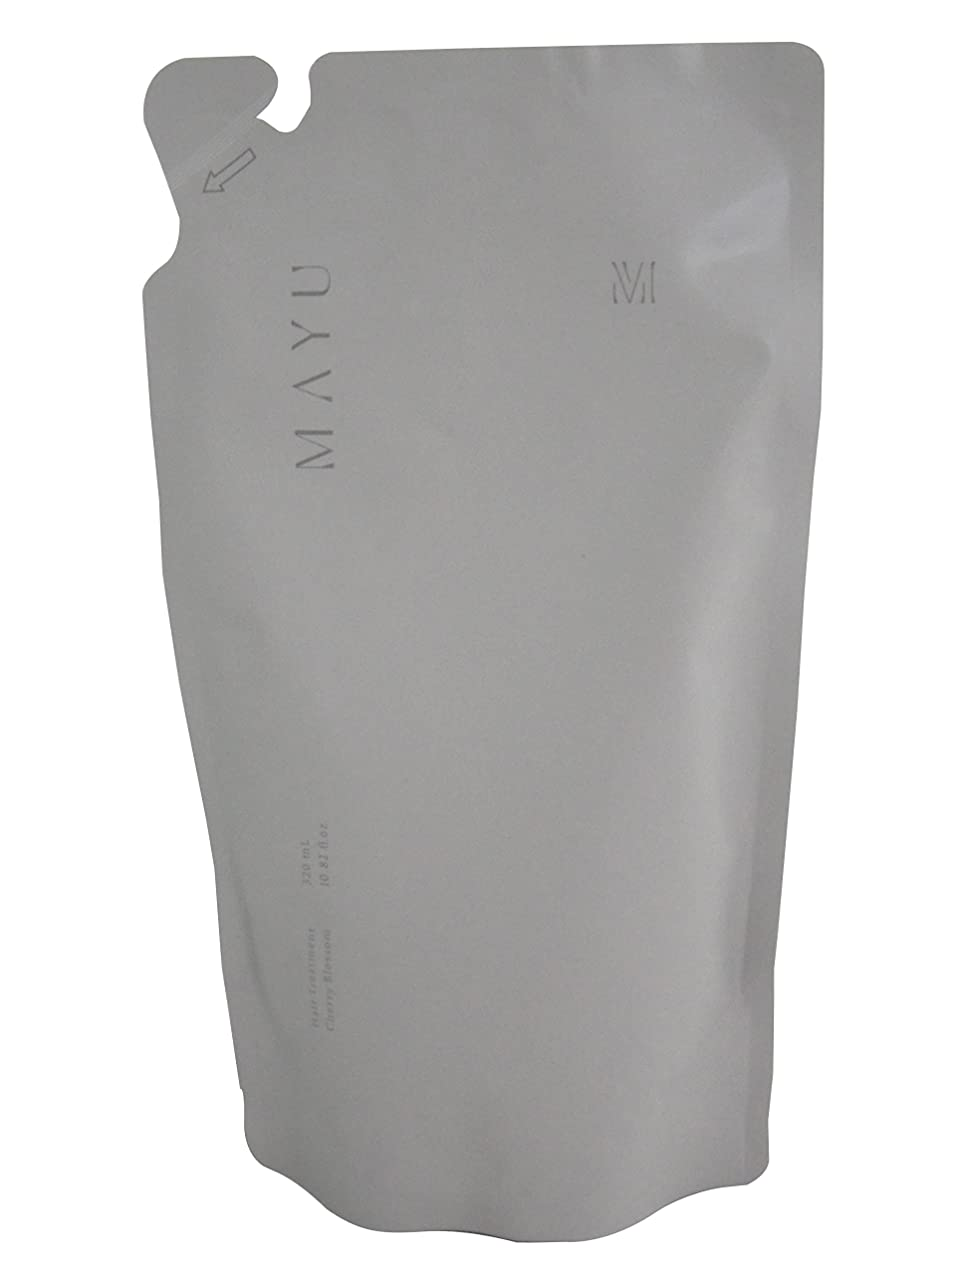 ロードされたアジテーションダイヤモンド【365Plus】 MAYU さくらの香り トリートメント リフィル (320ml) 1本入り